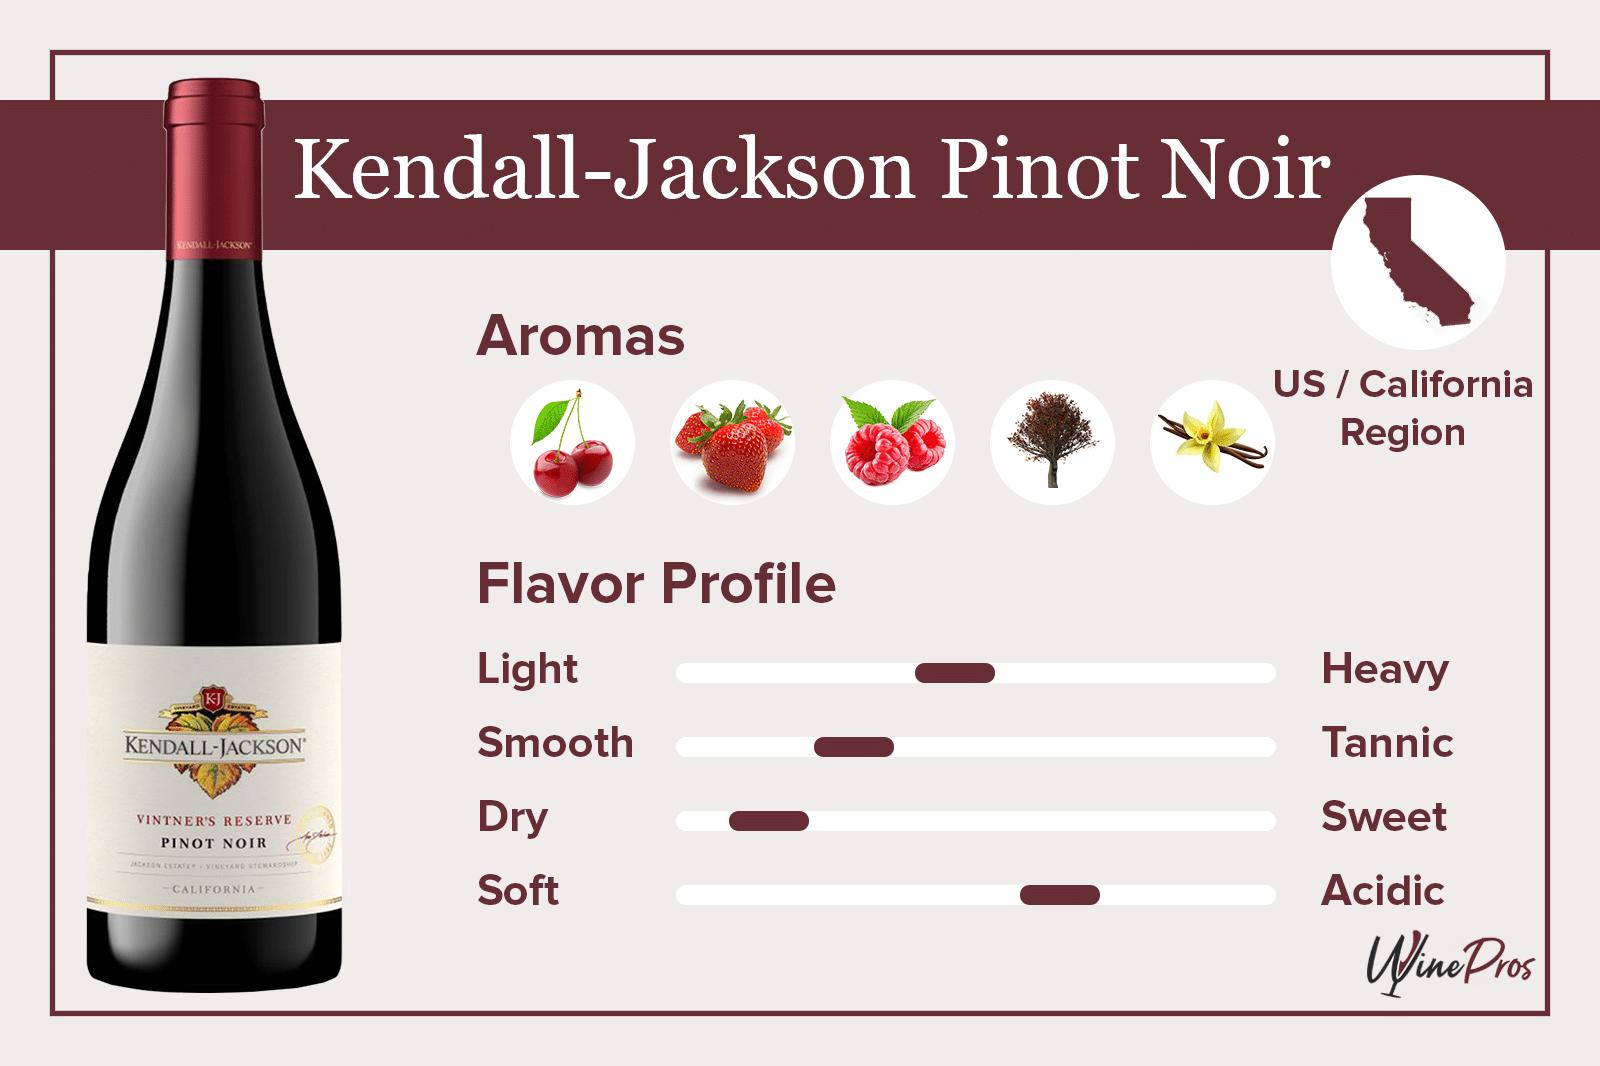 Kendall-Jackson Pinot Noir Featured